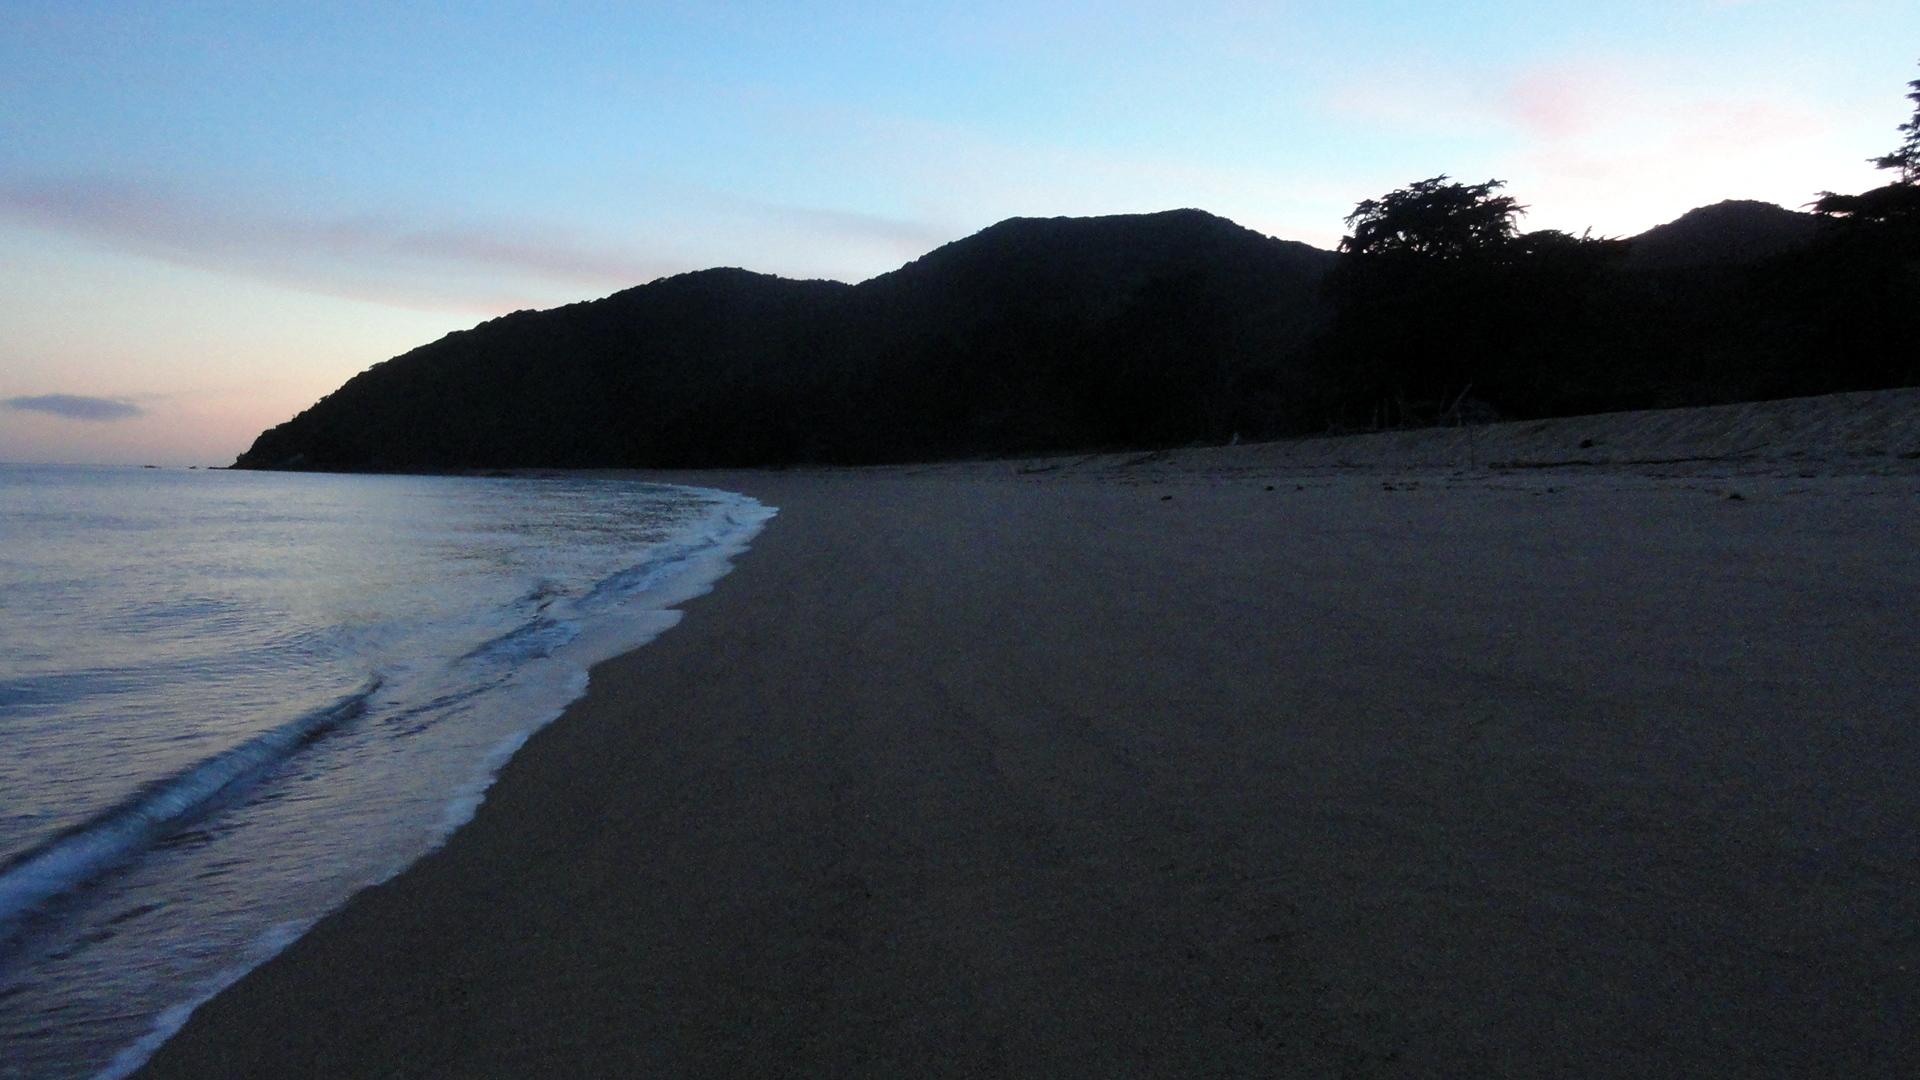 Tasman Whariwarangi Bay